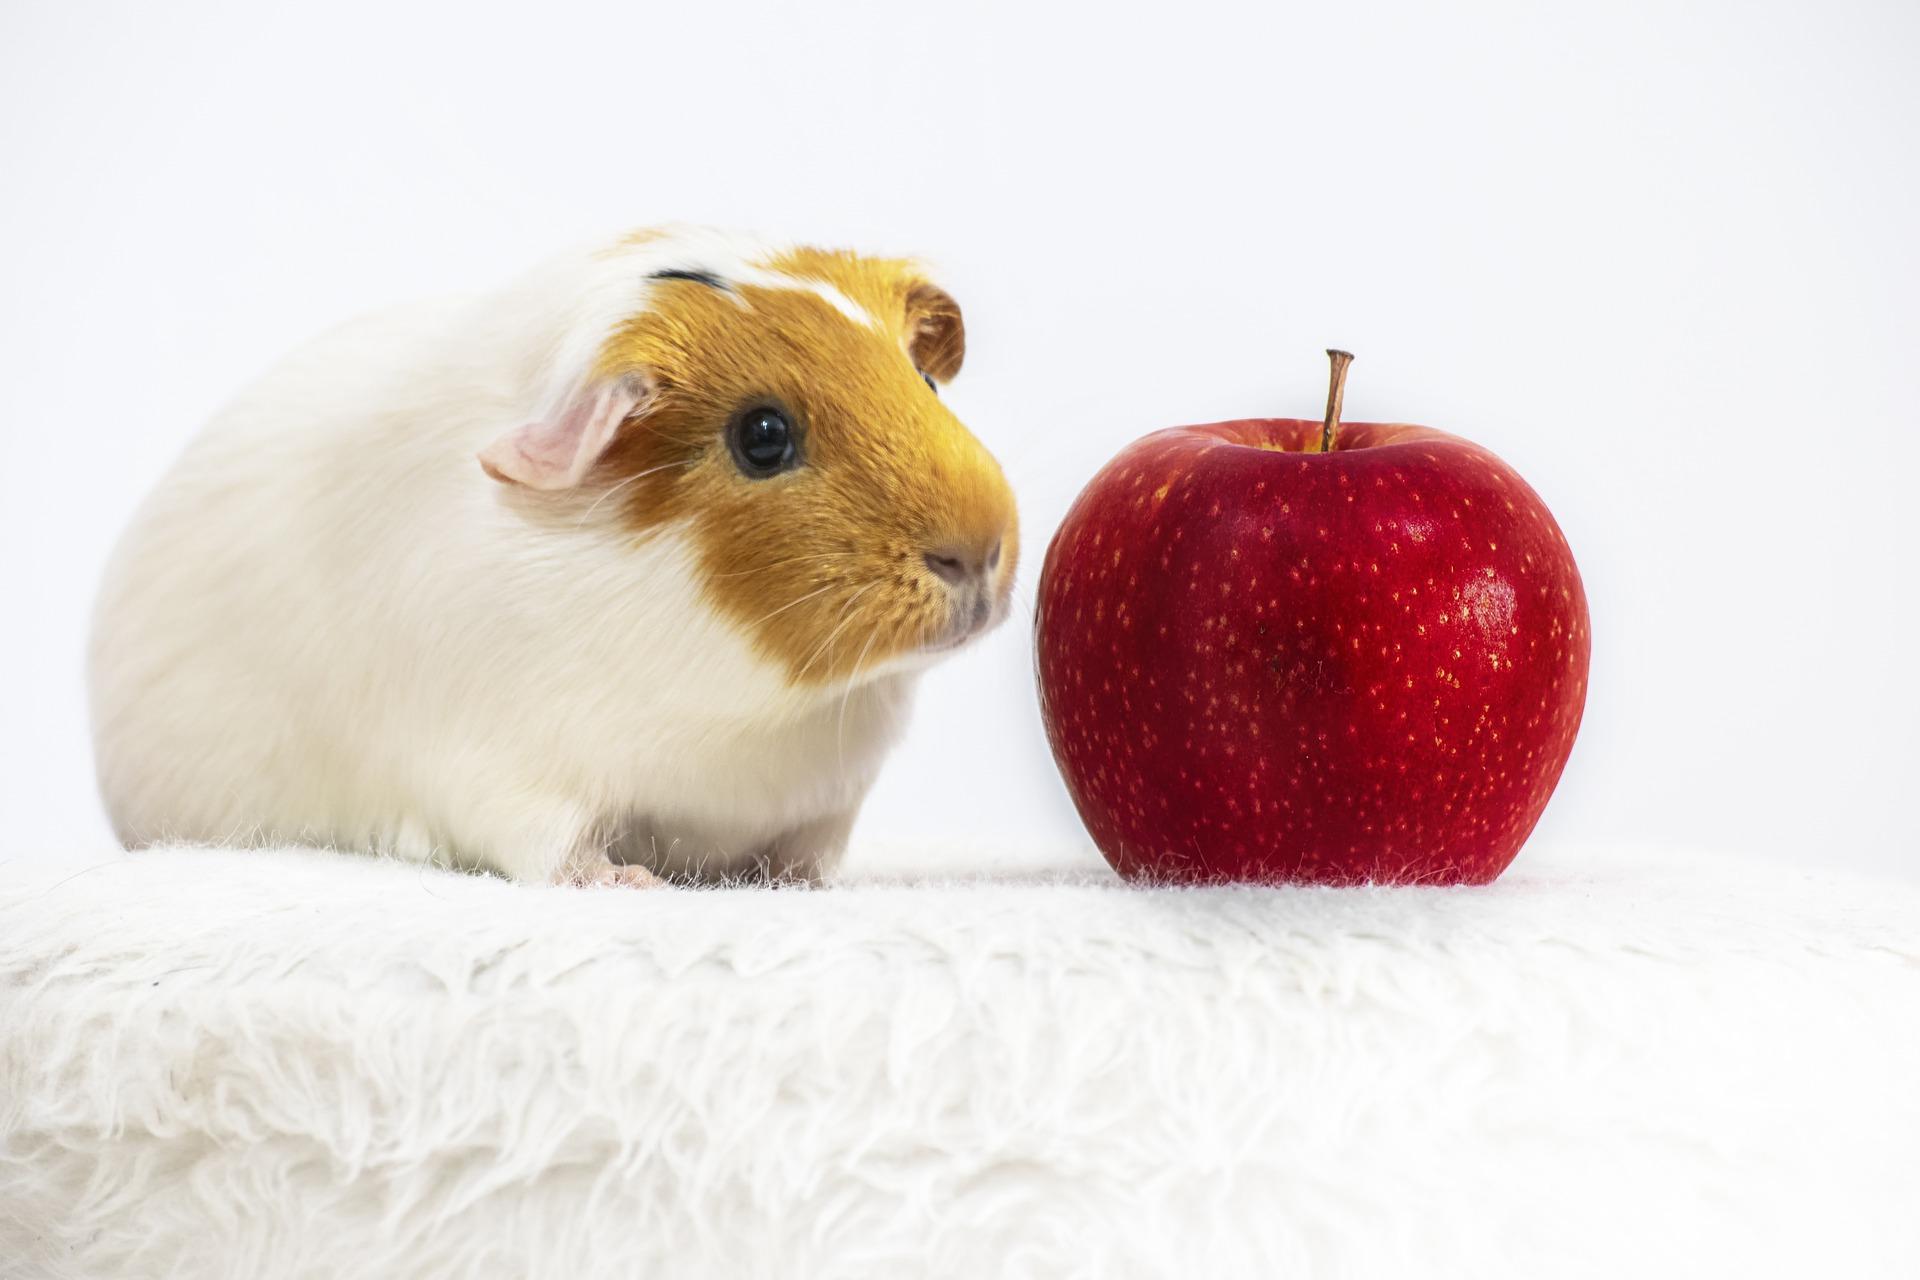 Dieta świnek morskich powinna być bogata w produkty bogate w witaminę C, ponieważ organizm zwierzęcia nie jest w stanie sam jej wyprodukować.